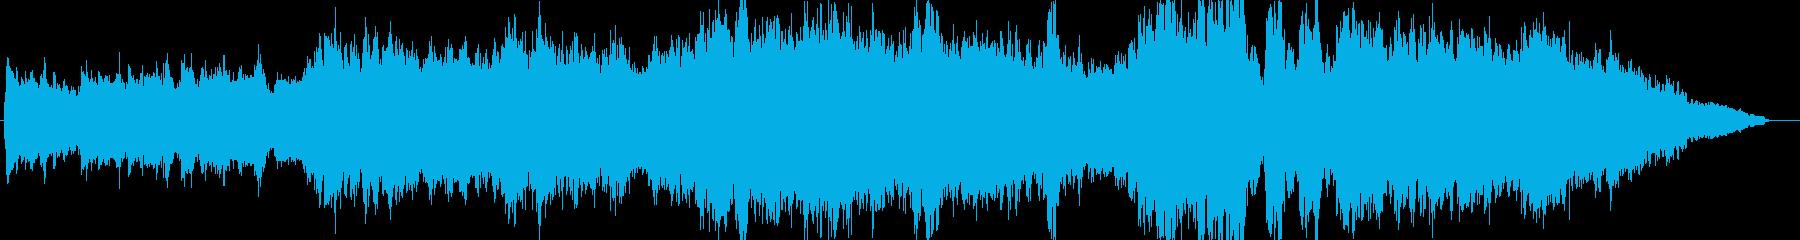 ドラマオープニング風のオーケストラ楽曲の再生済みの波形